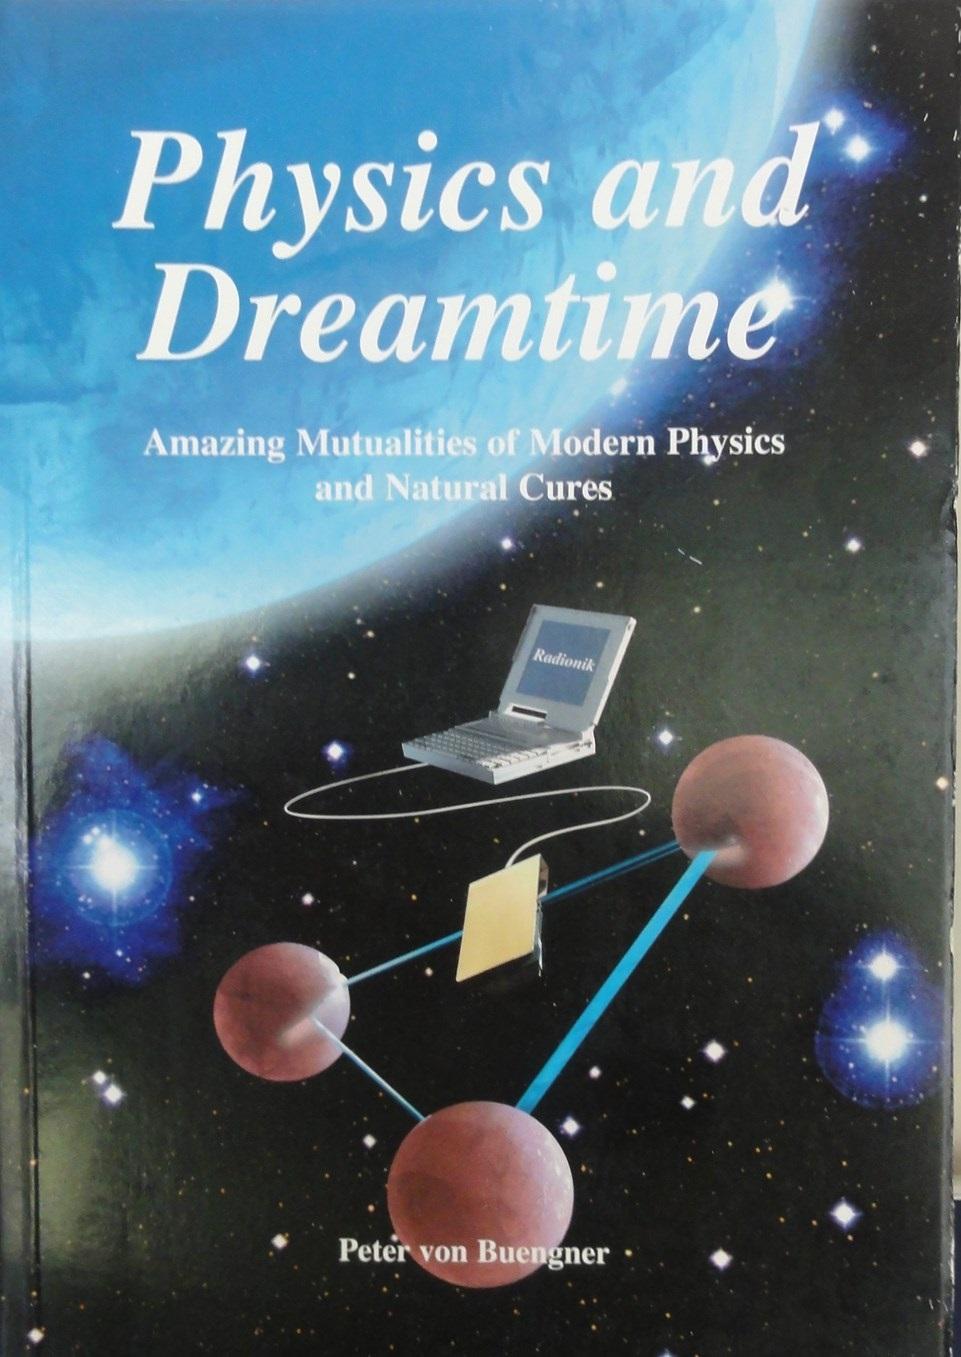 Książka Fizyka i  czas marzeń sennych